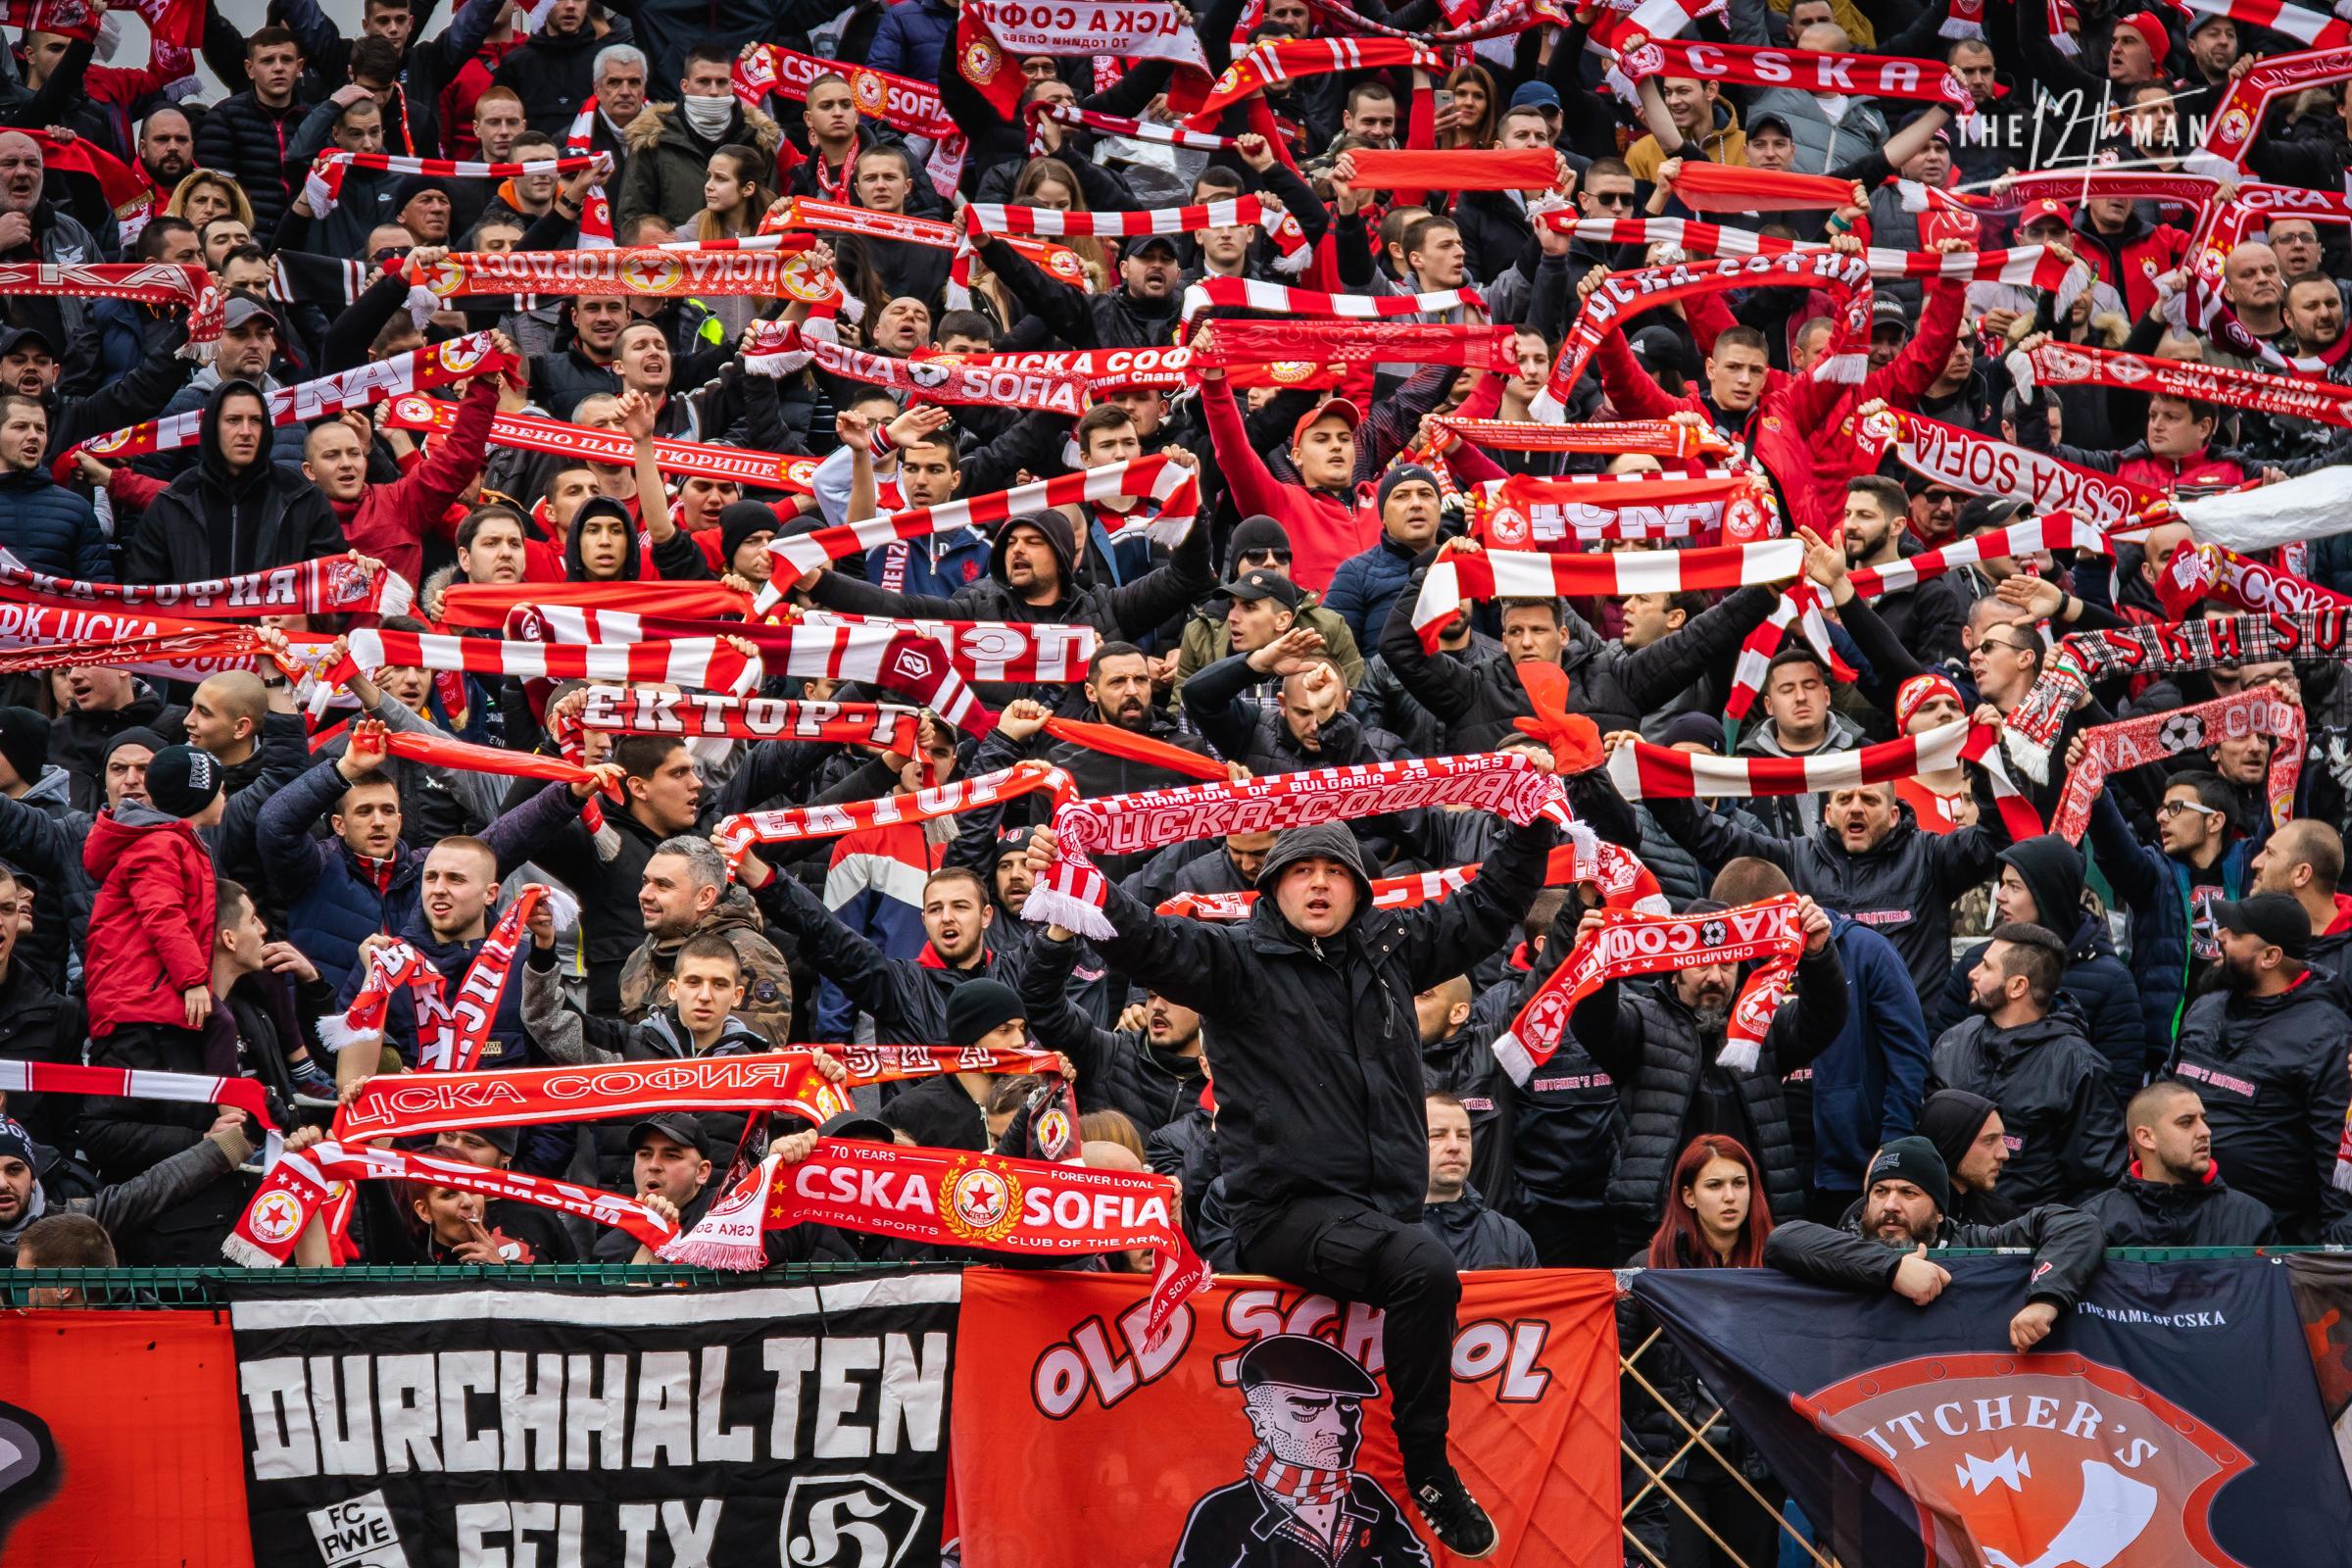 In de Hekken - Voetbalstad Sofia